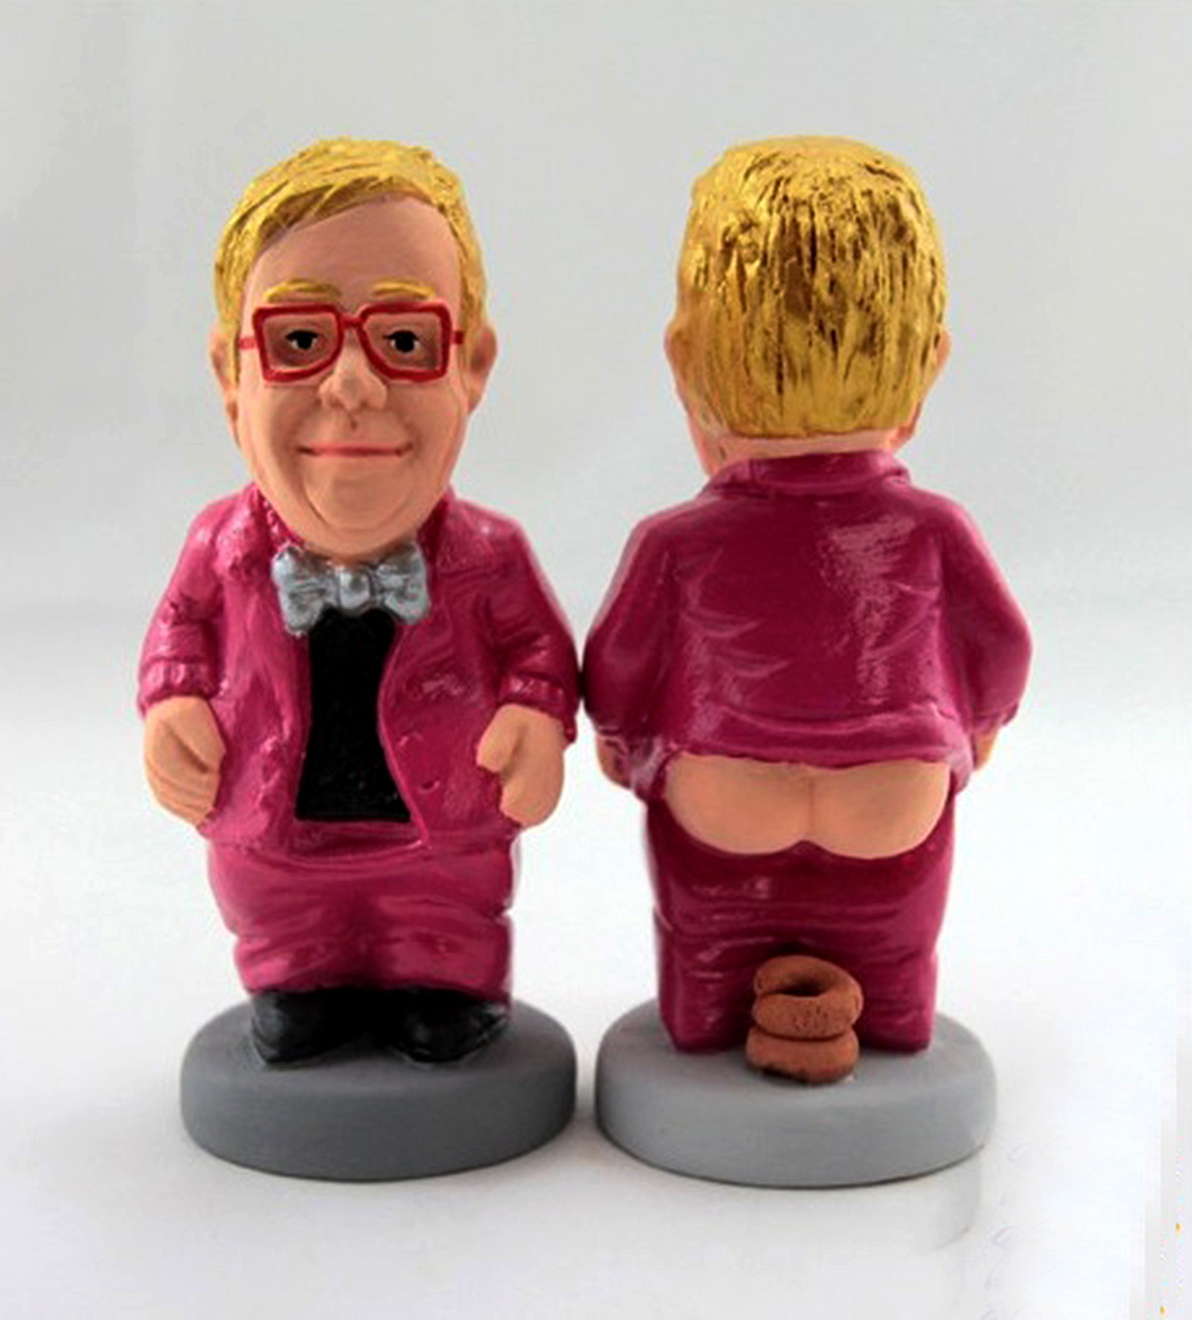 Manapság már szinte mindenféle kivetelben kapható a Cagener, Elton John kivitel is létezik. Fotó: CEN